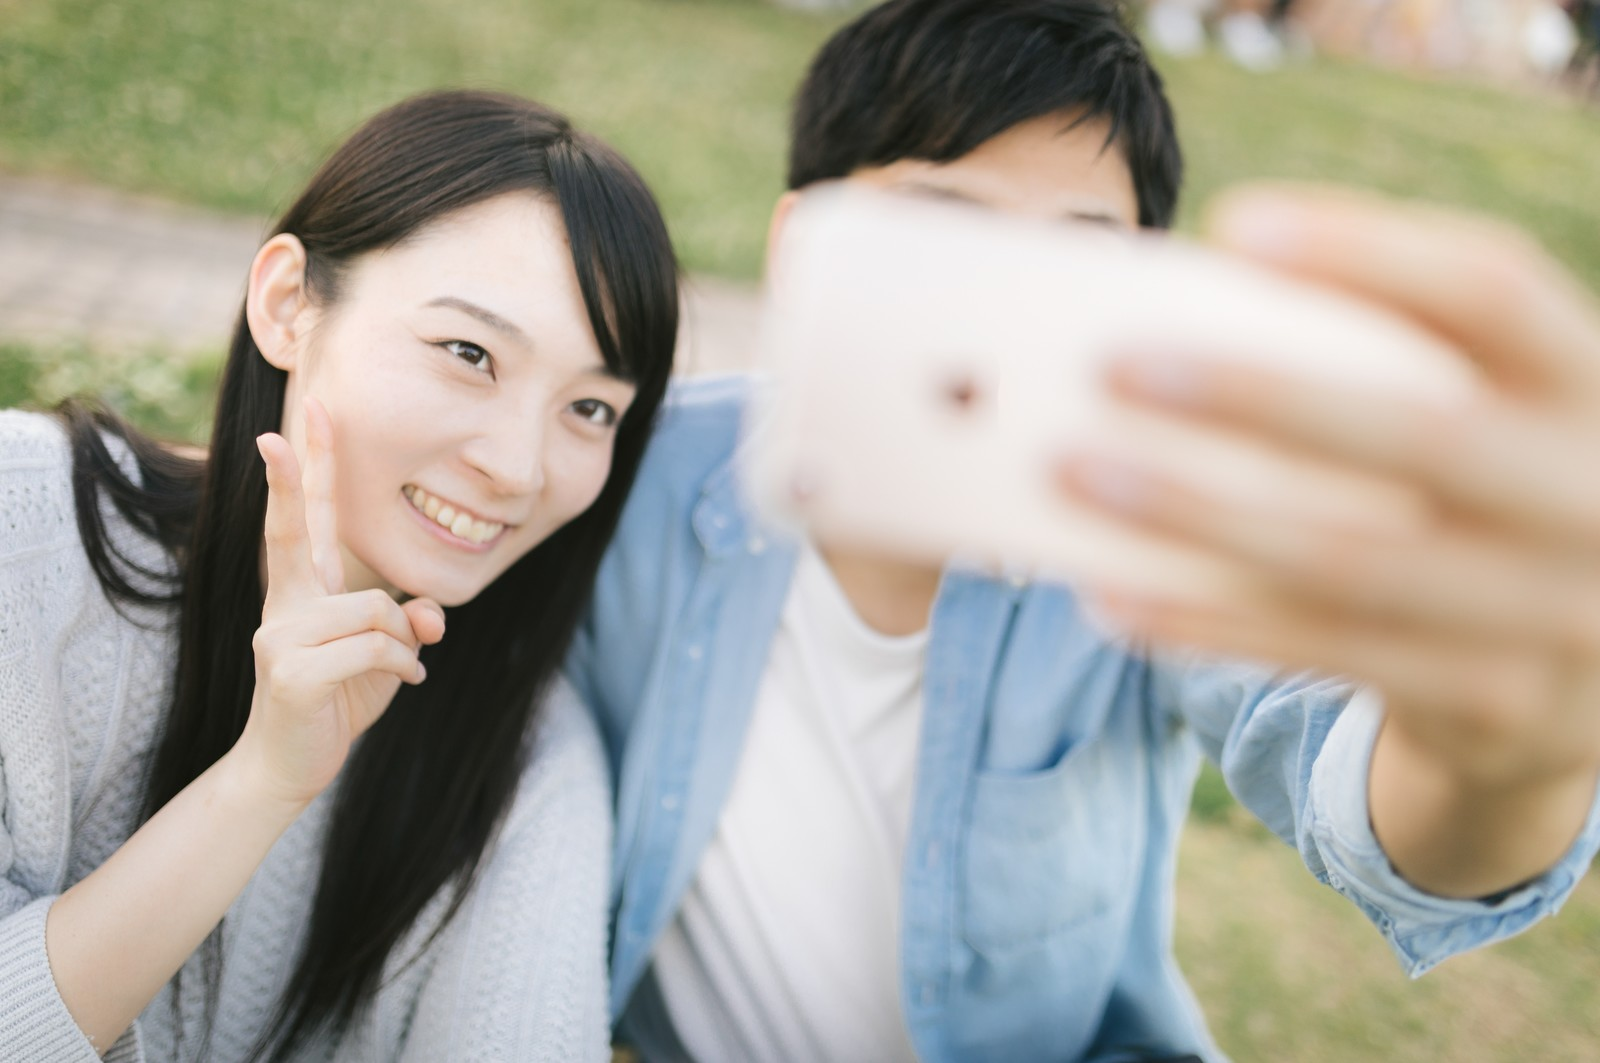 「彼氏と思い出の自撮り(セルフィー)彼氏と思い出の自撮り(セルフィー)」のフリー写真素材を拡大